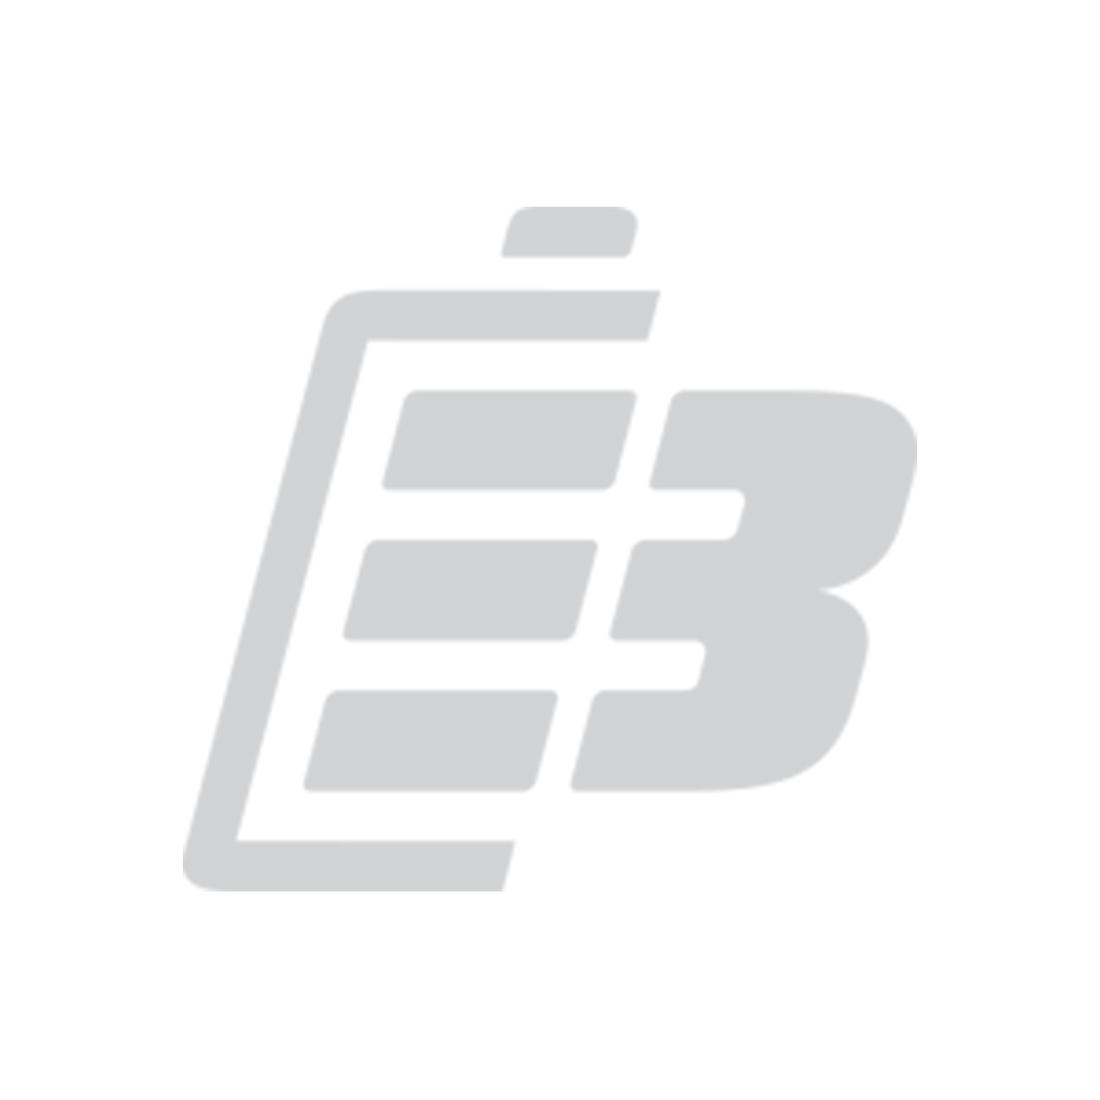 Laptop battery Dell Alienware 17 R2_1